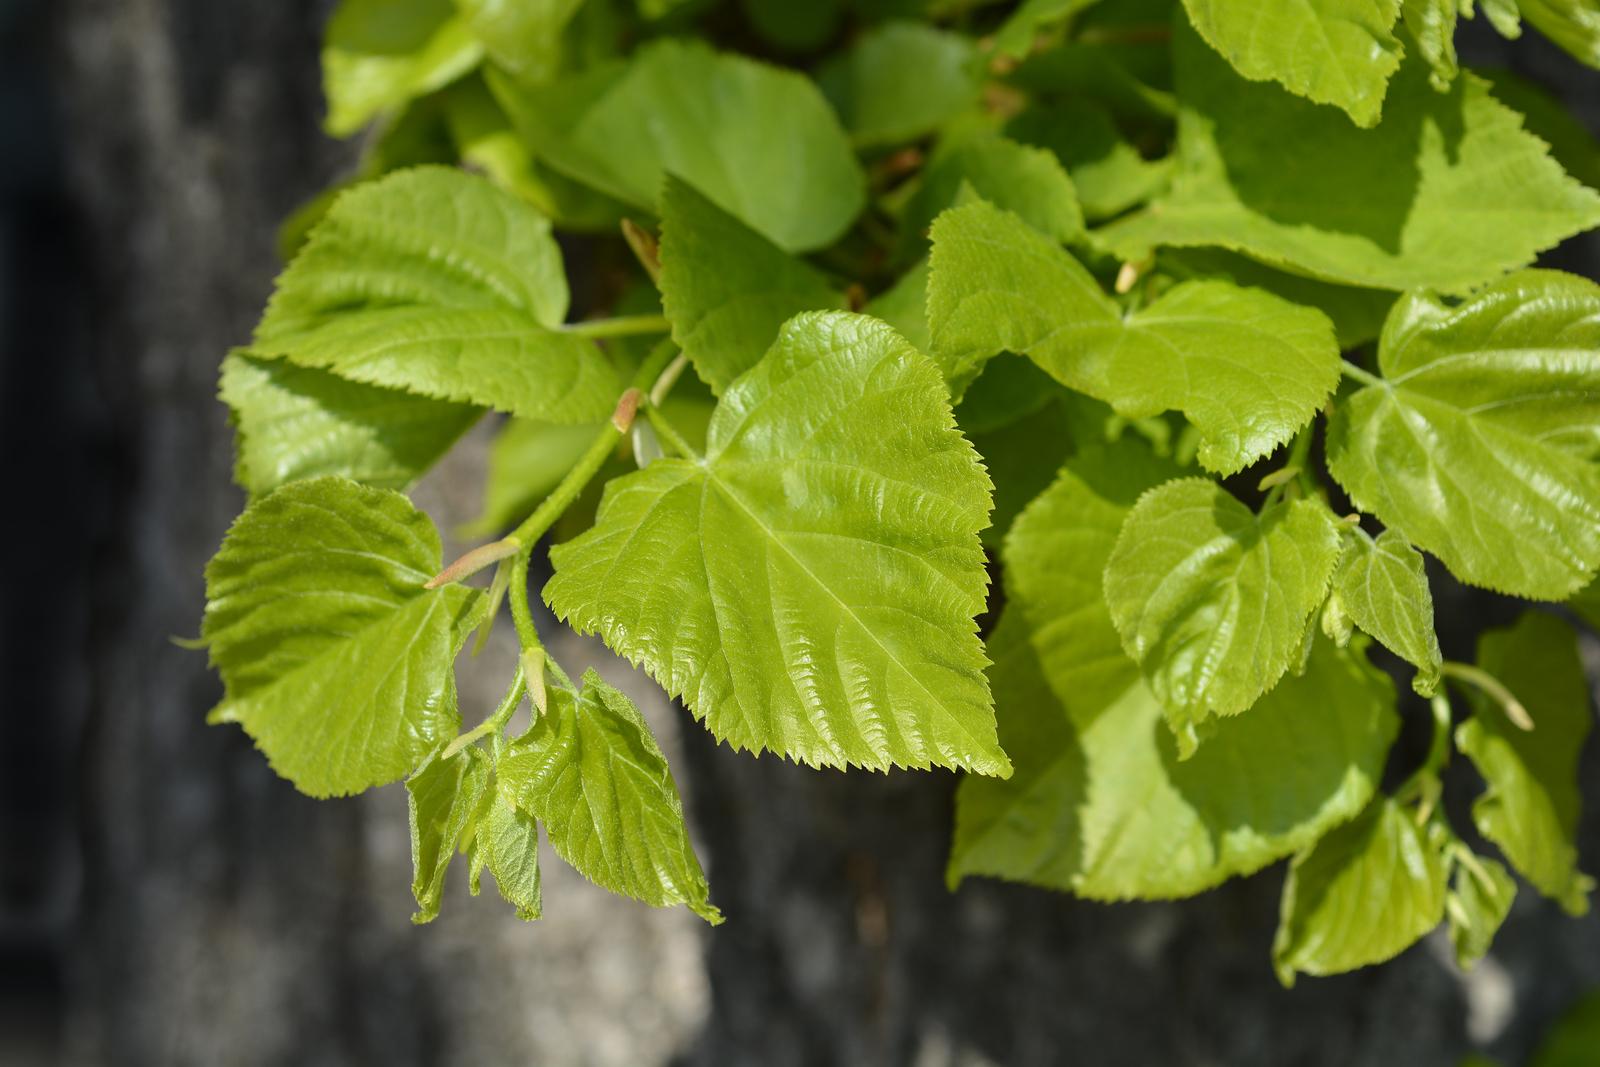 Leaves of Tilia tree